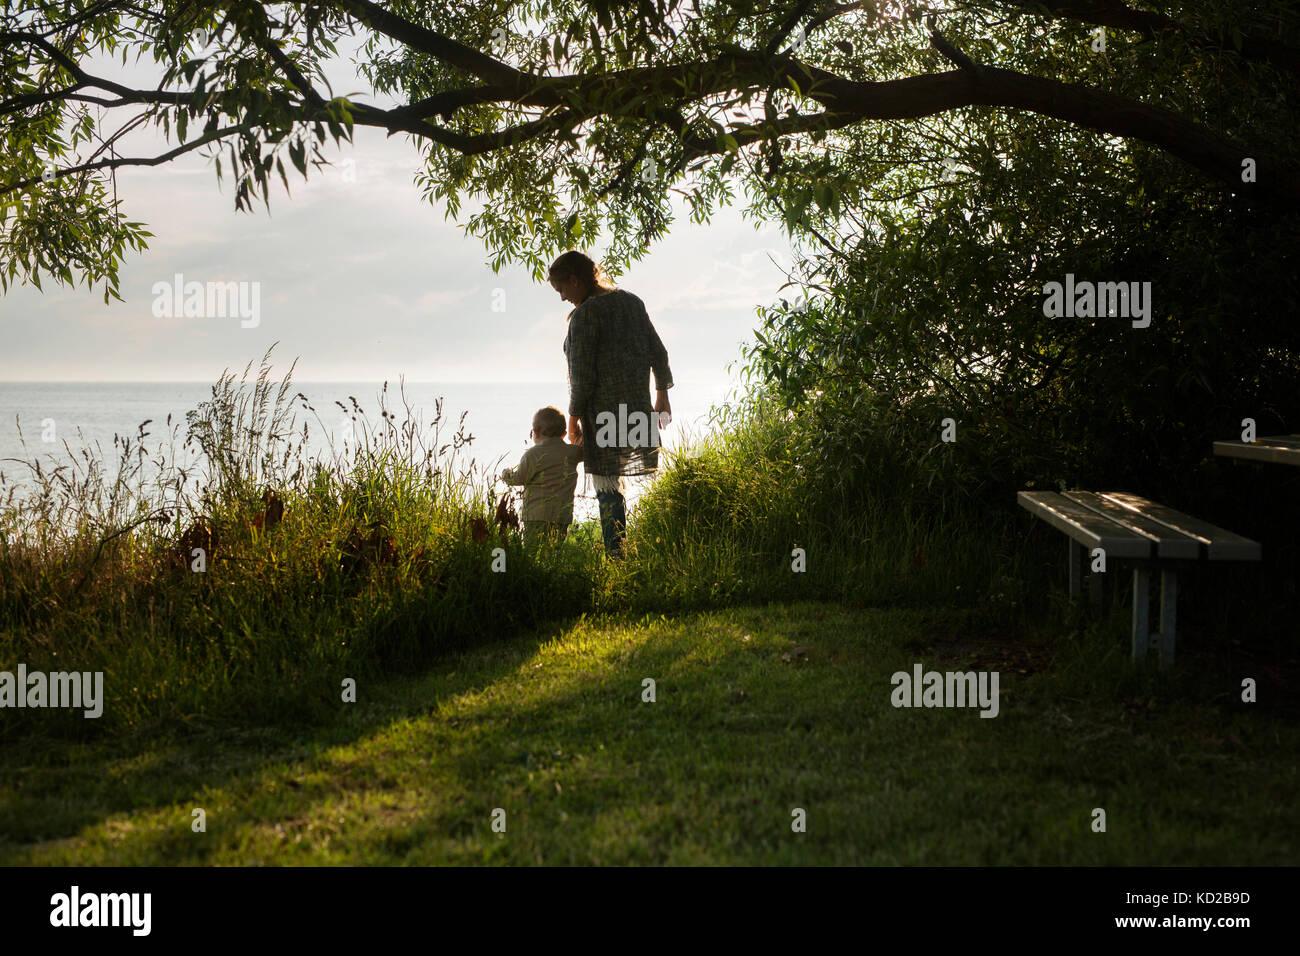 Mutter mit Sohn (18-23 Monate) stehen auf dem Seeweg Stockbild